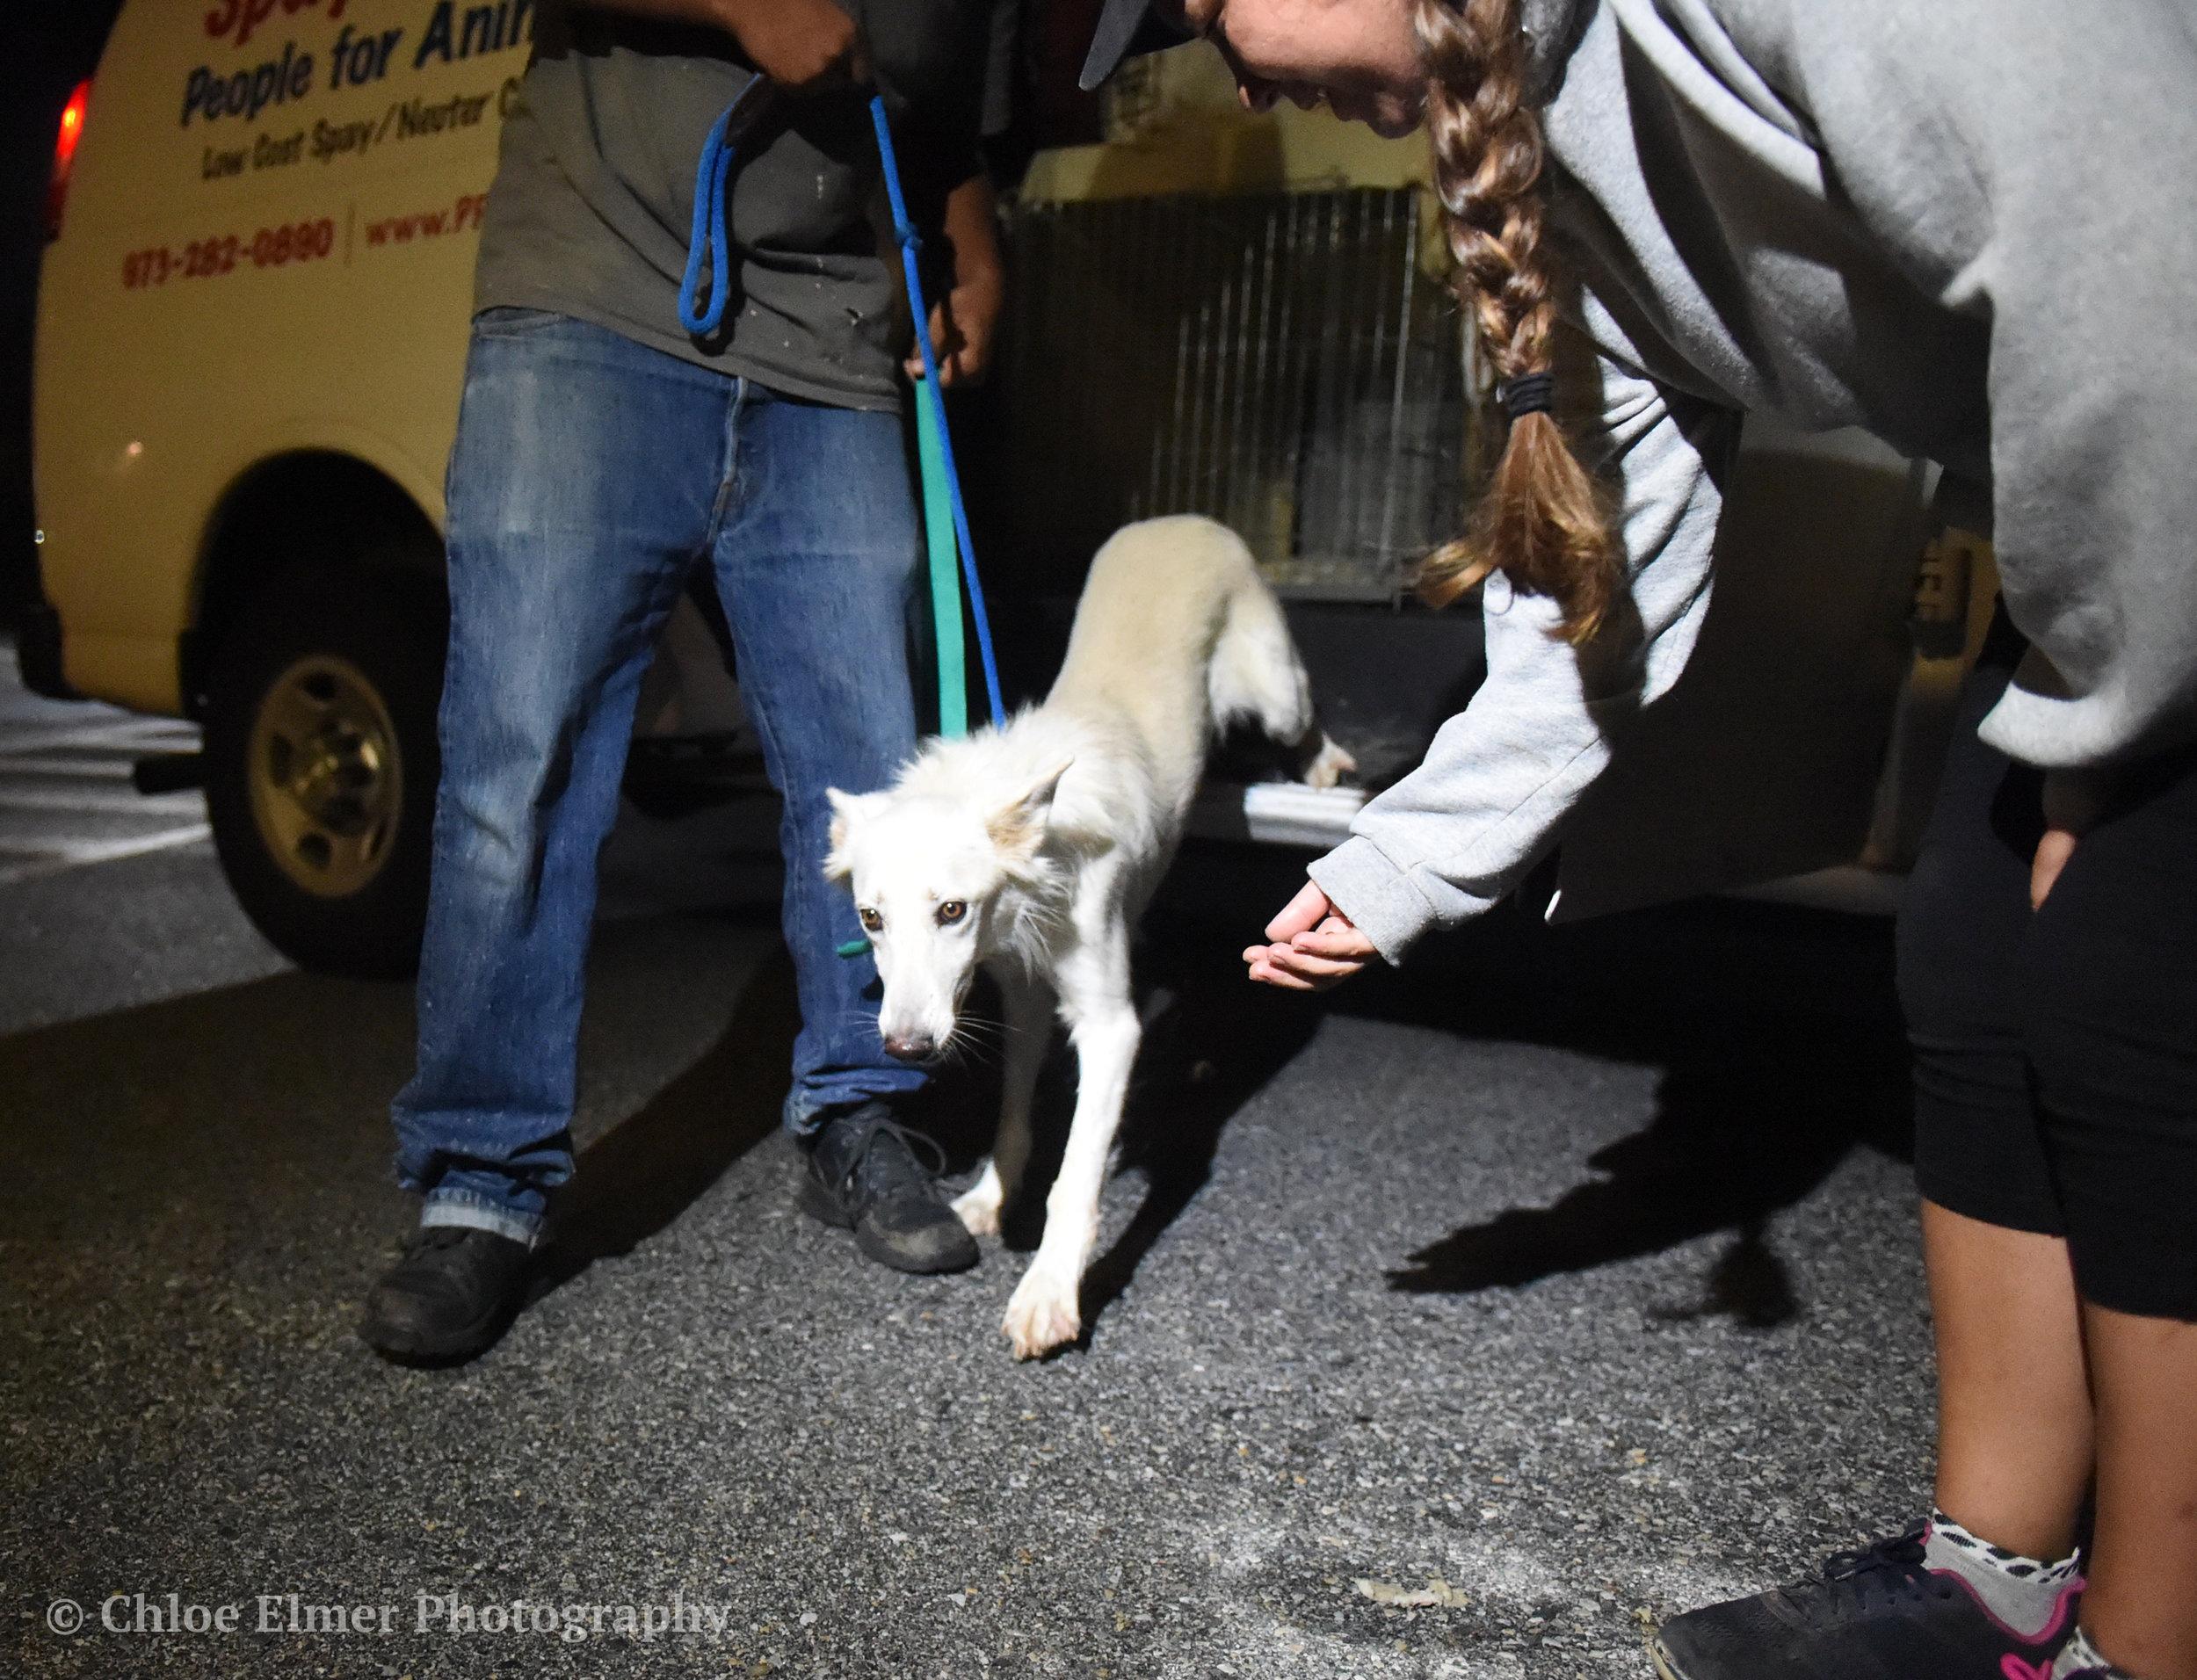 090617 Harvey Dogs Arrival WC 06.JPG